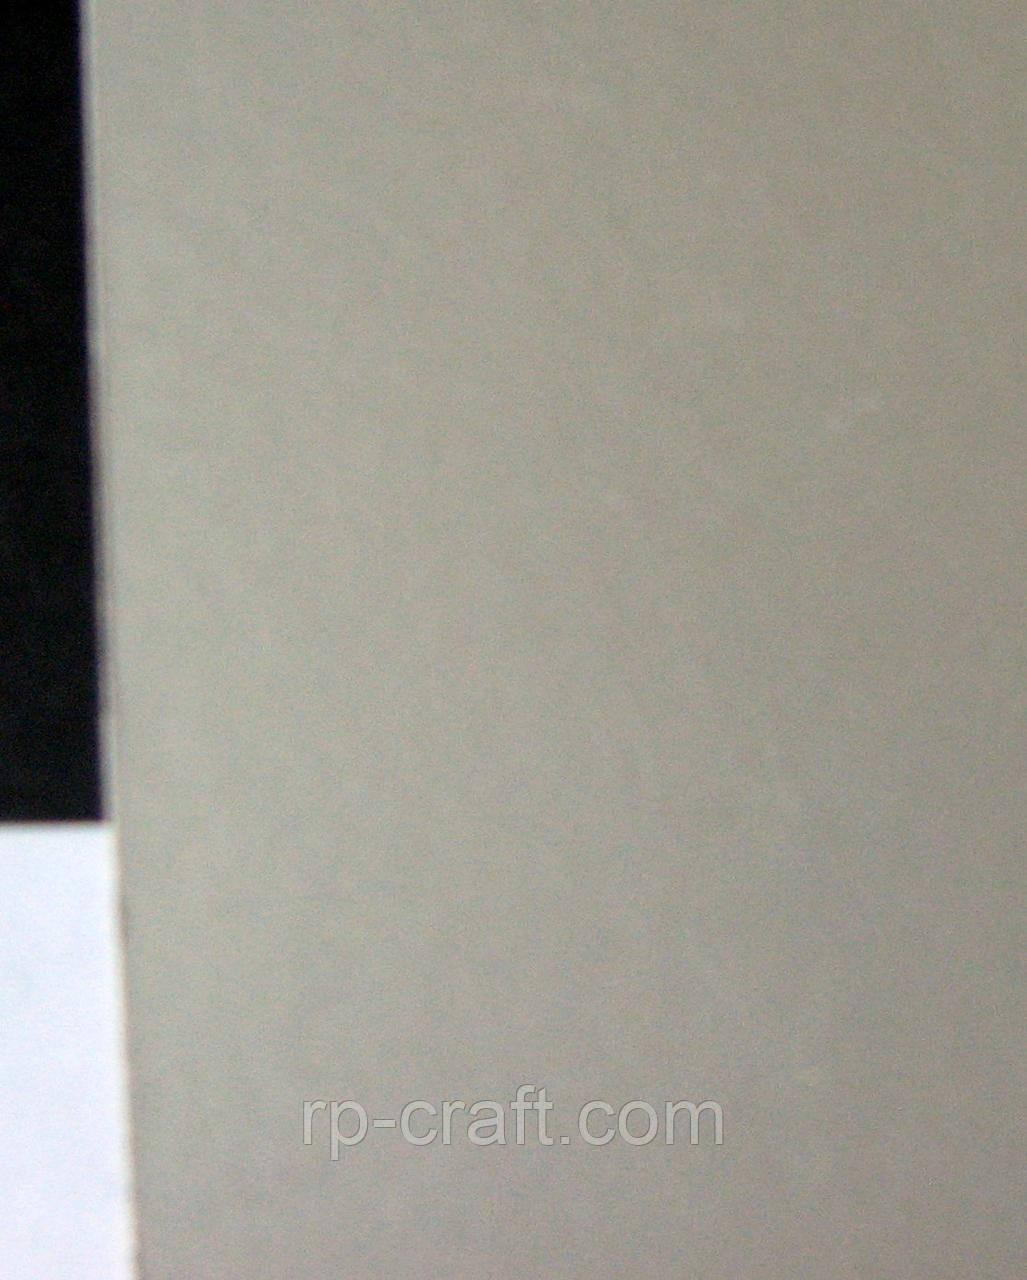 Картон кольоровий двосторонній, срібний глянець, щільність 250 гр/м ;  20х29,5 см